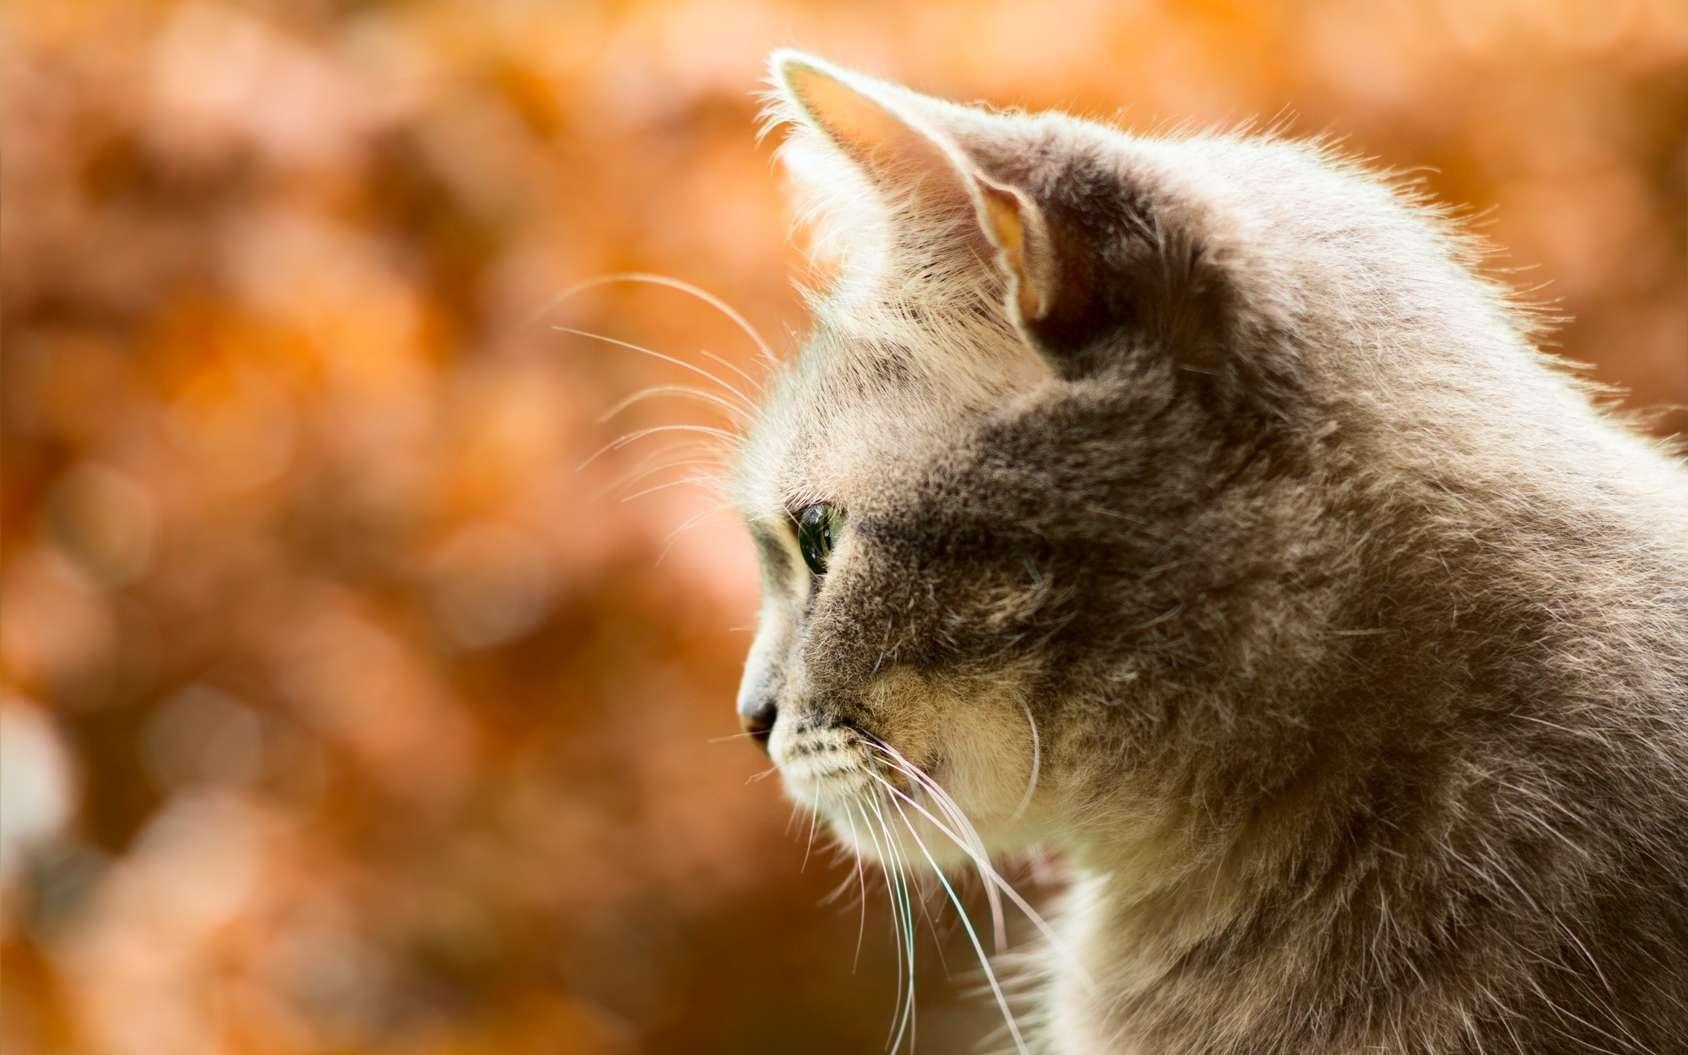 Le chat est un félin. © 110210870614, Fotolia